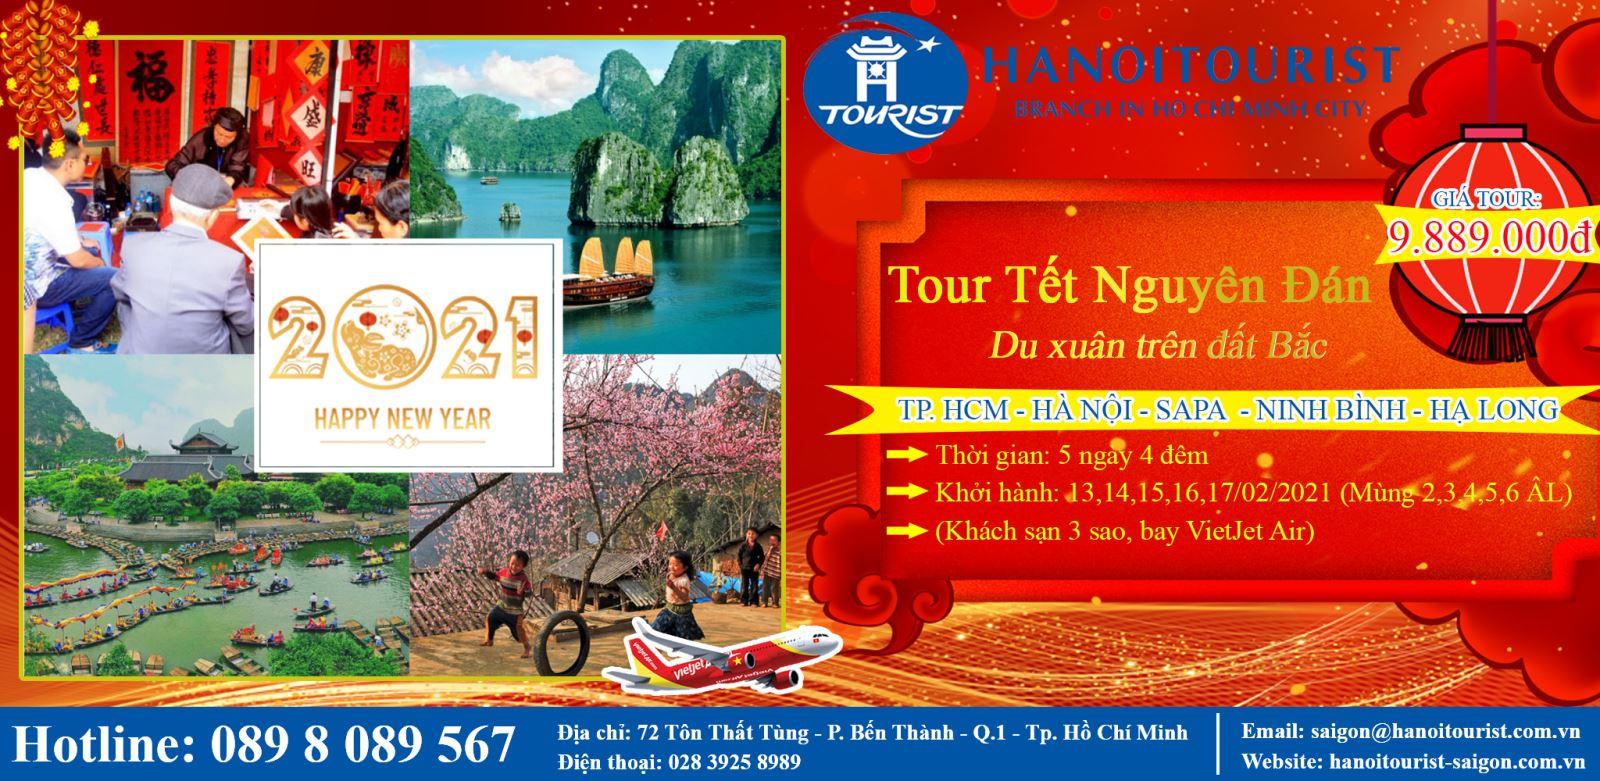 Tour Tết: Hà Nội - Phú Thọ - Lào Cai - Sapa - Ninh Bình - Hạ Long ( 5 Ngày)